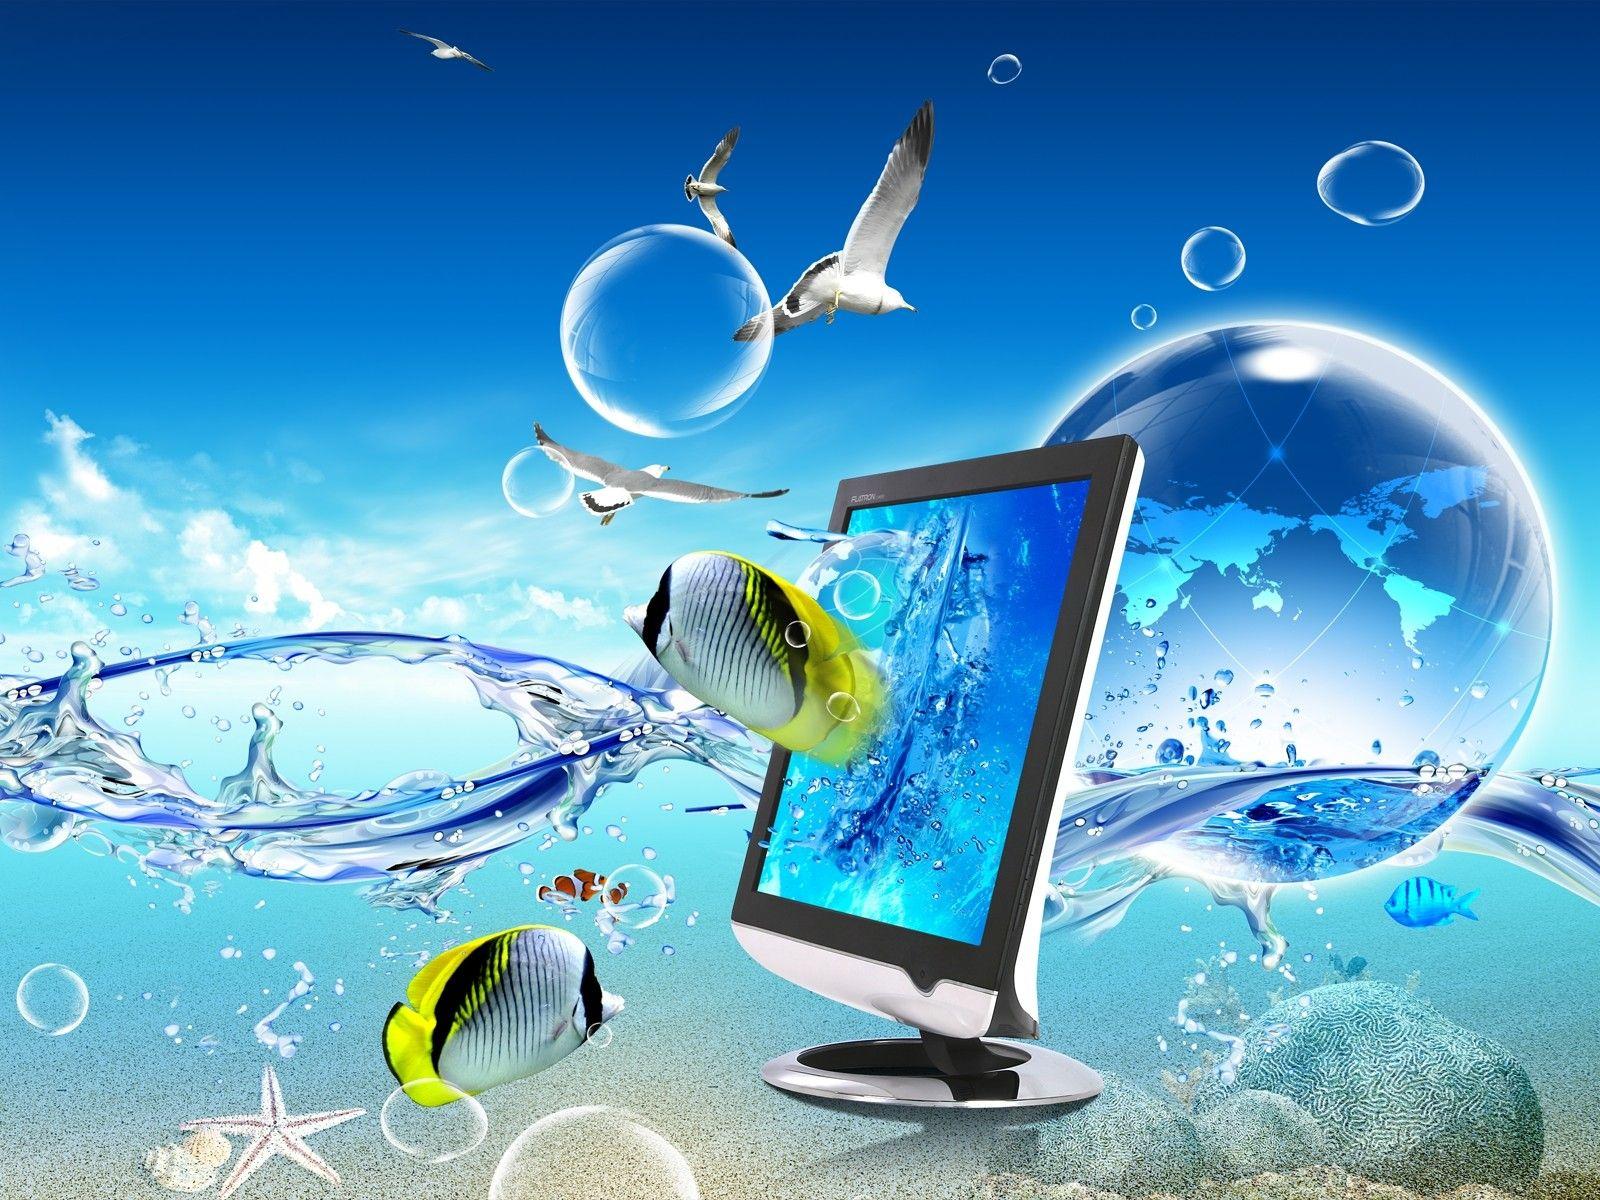 Free Desktop Wallpaper Websites